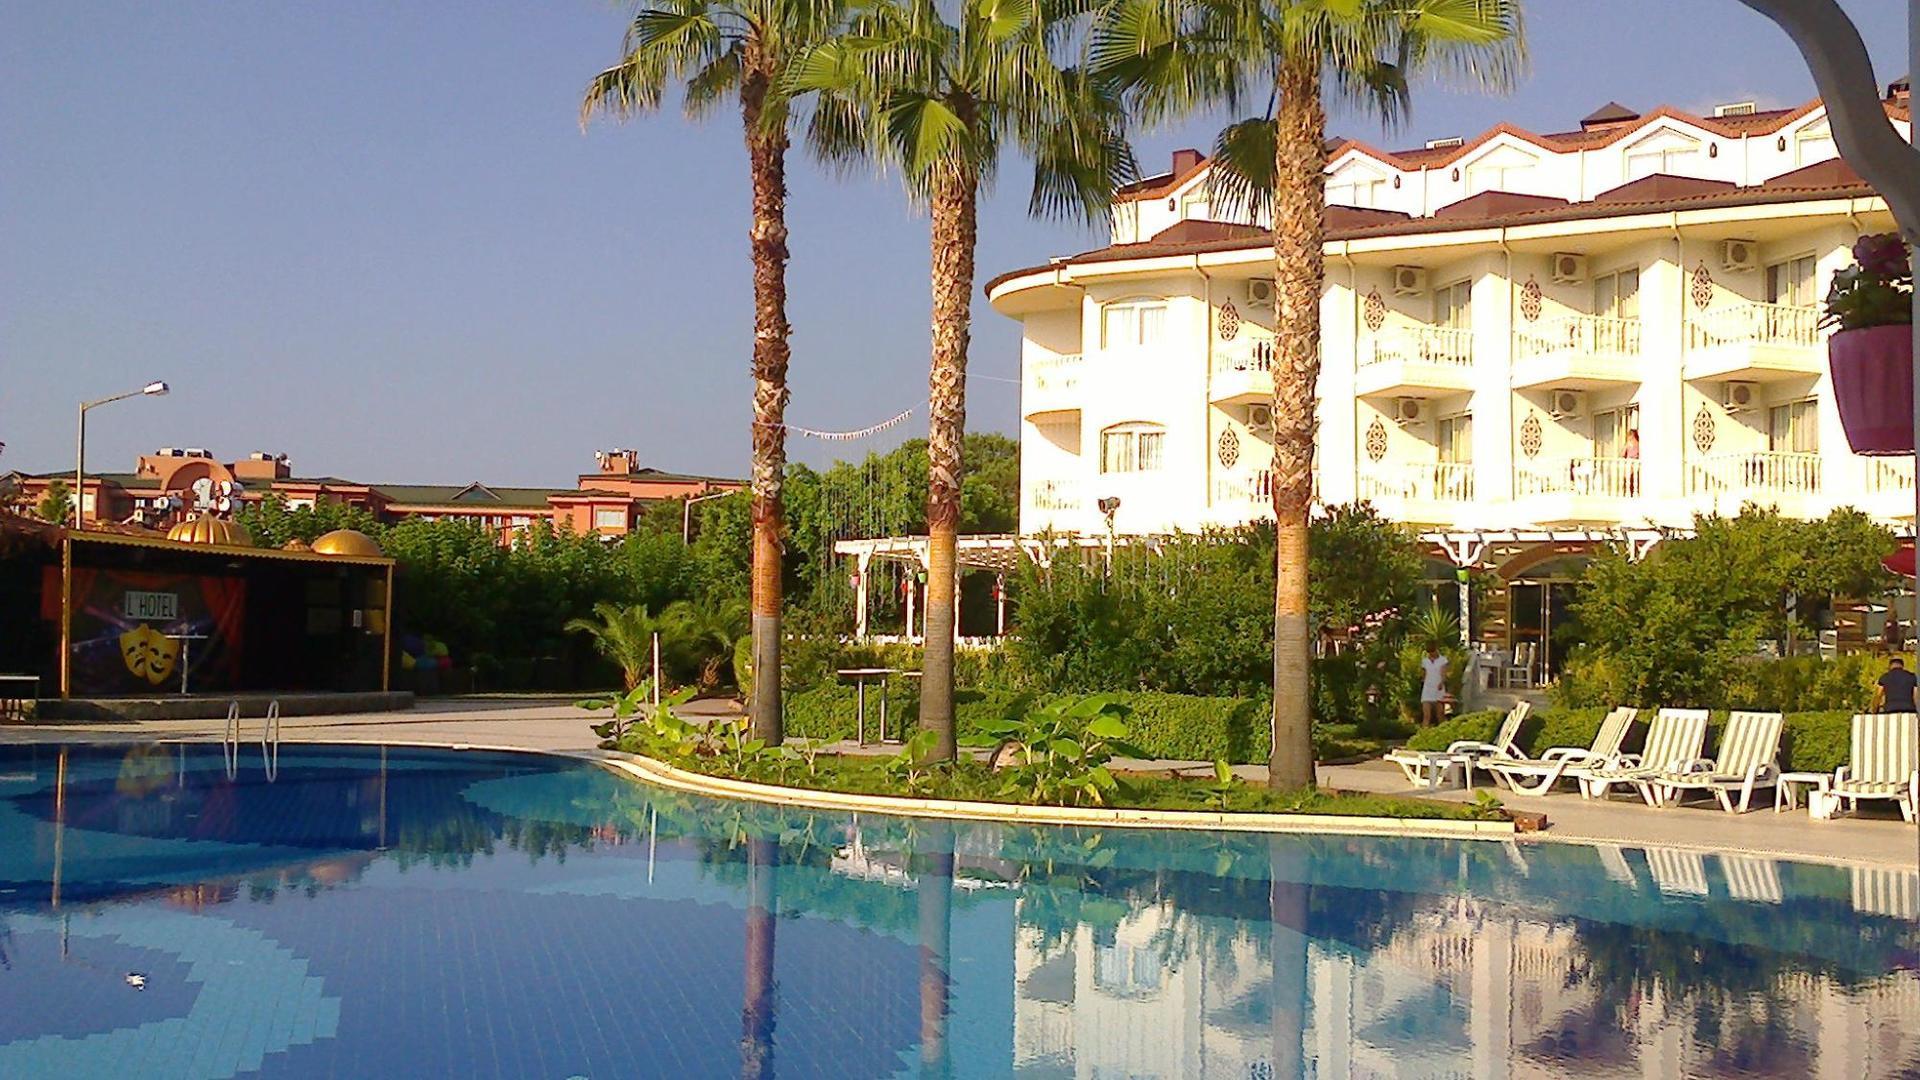 самом деле турция отель лариса султан бич в картинках может быть таким